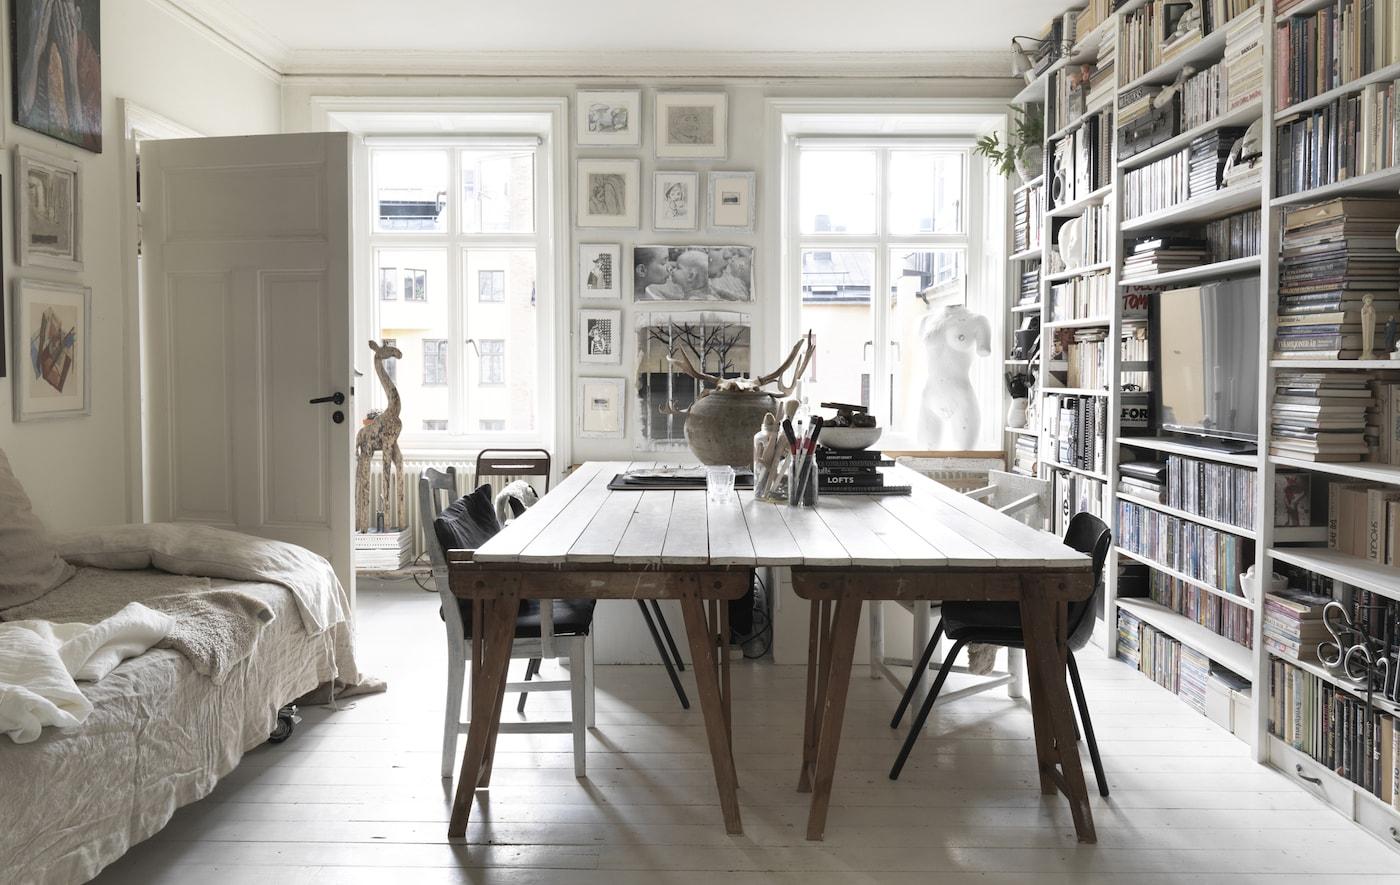 一张大餐桌和书架墙。